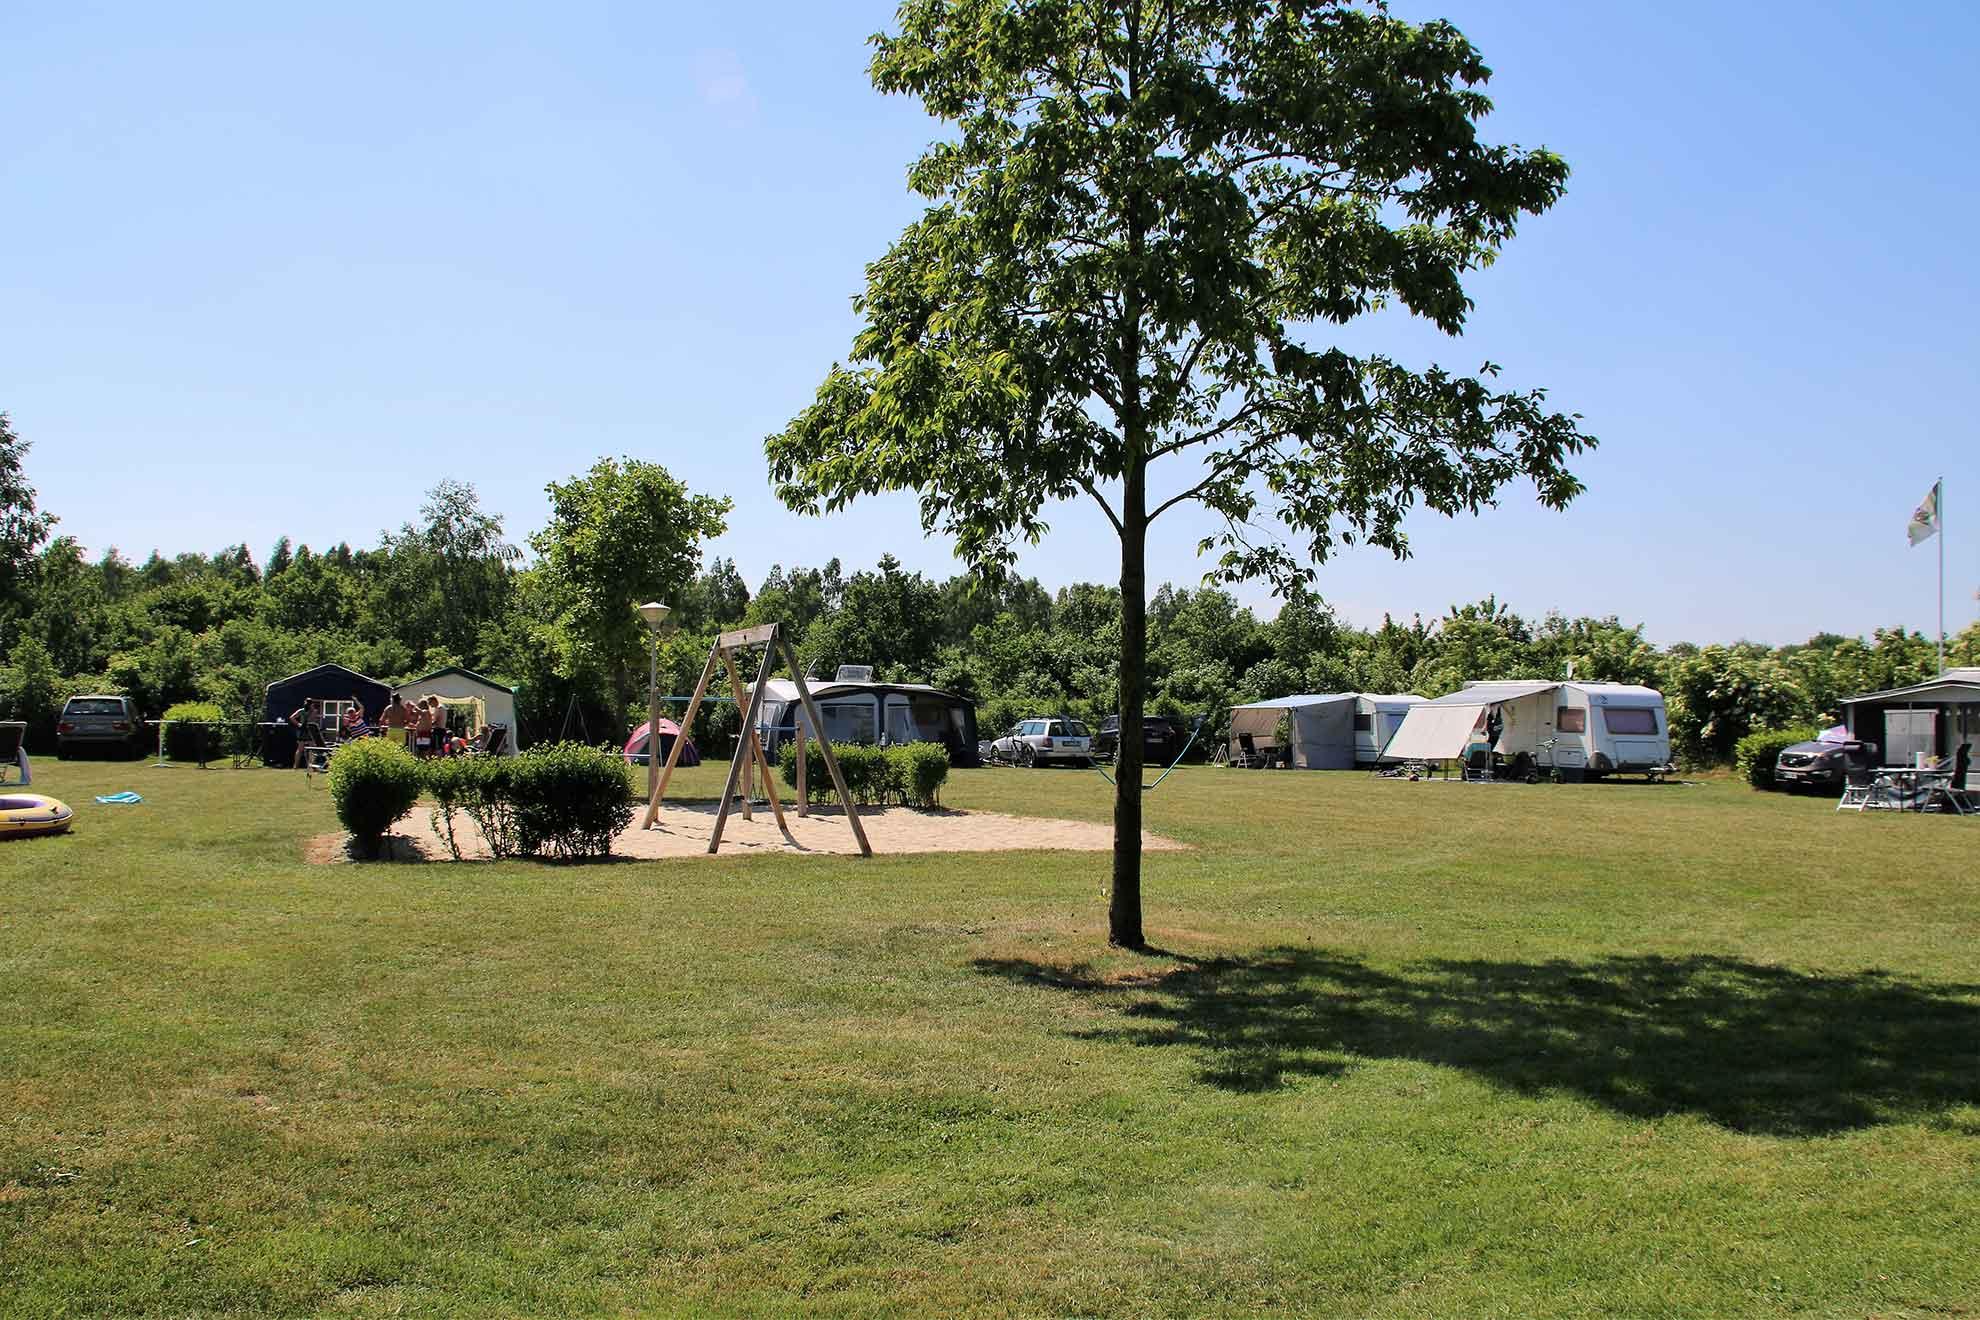 Camping vakantie in Overijssel op Vakantiepark het Stoetenslagh - Leukste camping vakantie in Overijssel